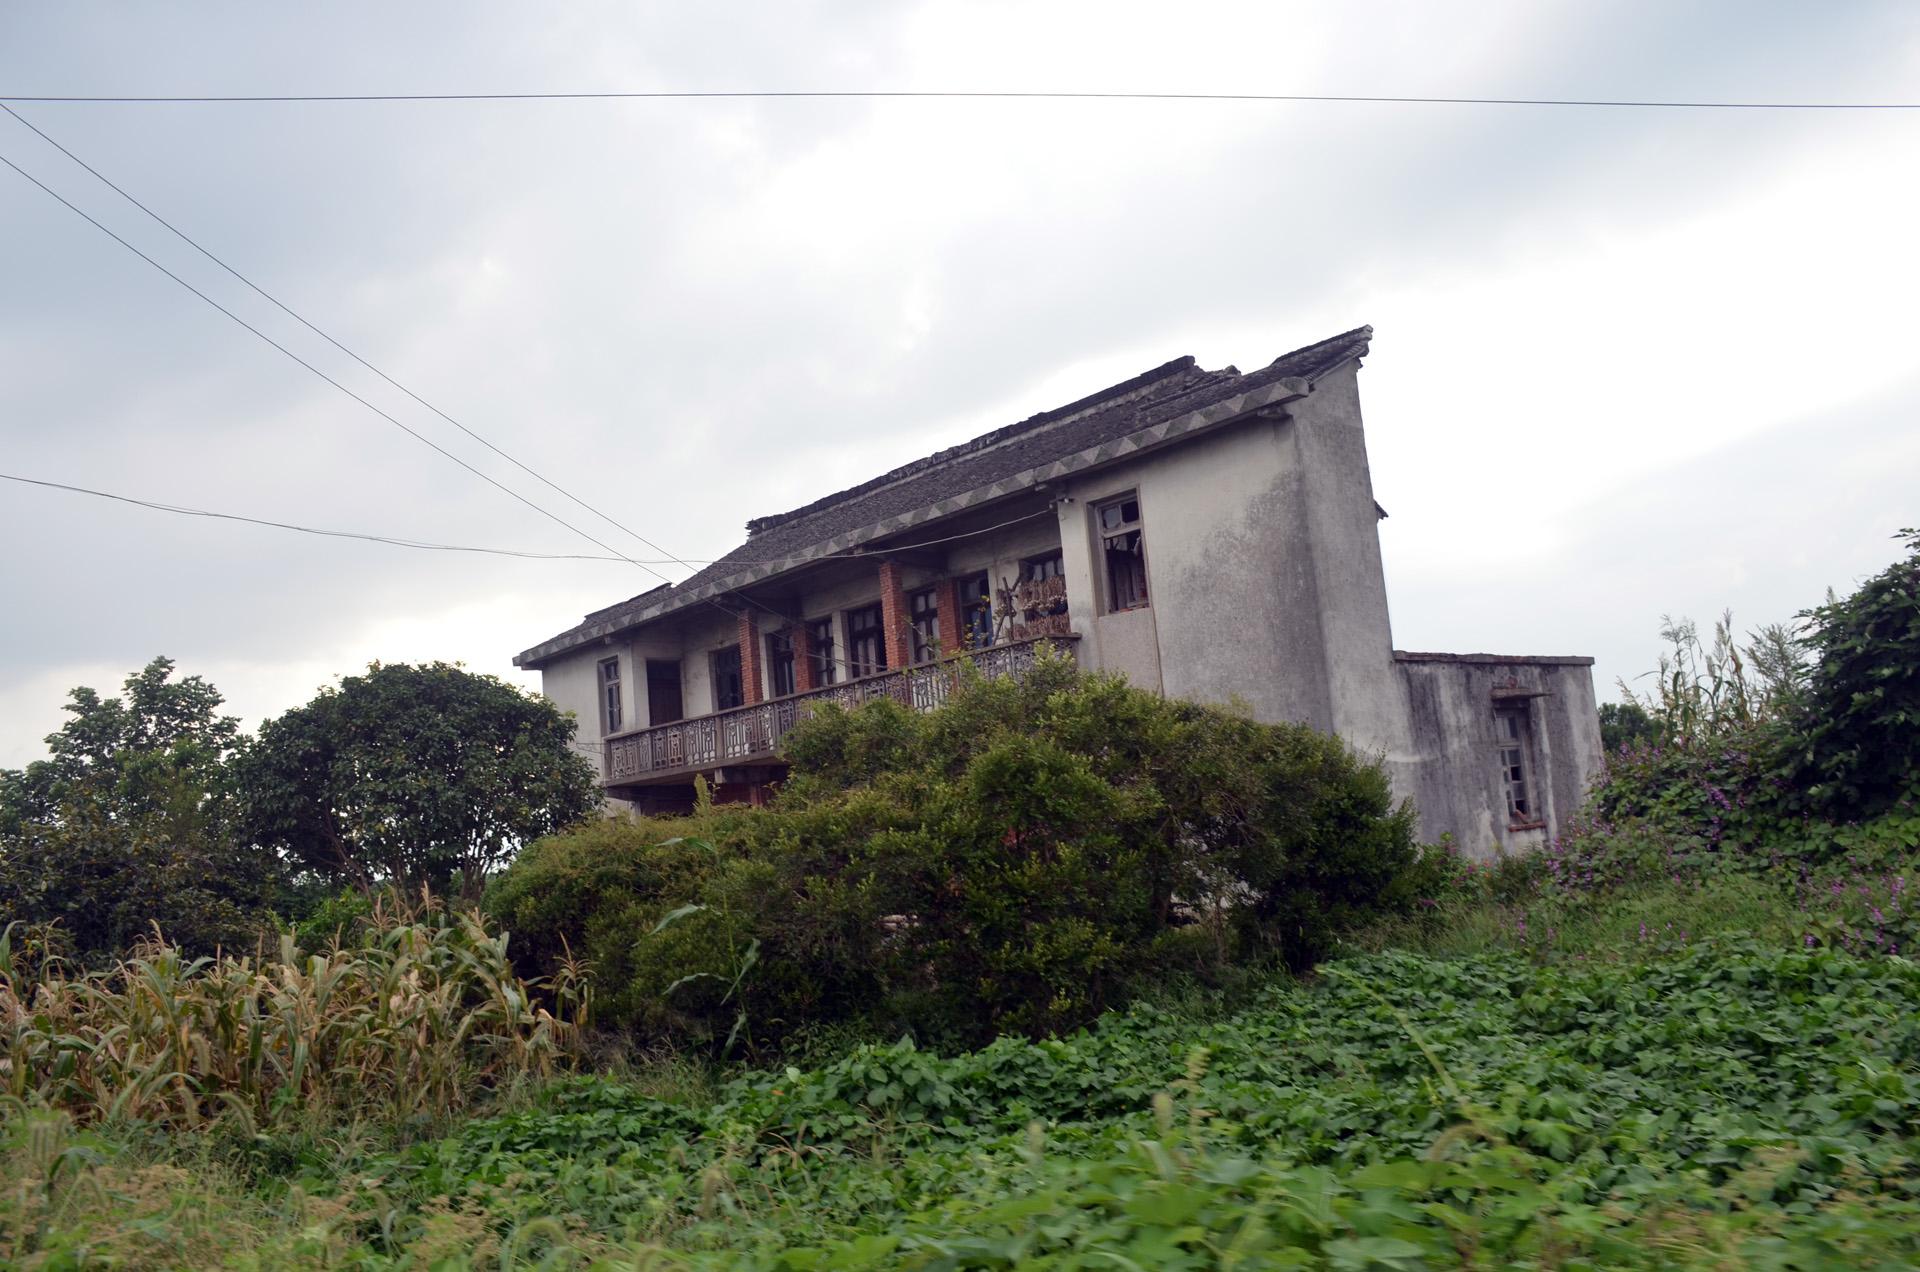 远景多角度太仓海天禅寺红庙的宏伟和江南缥缈正在建设的后殿 这里是太仓 摄影 第7张